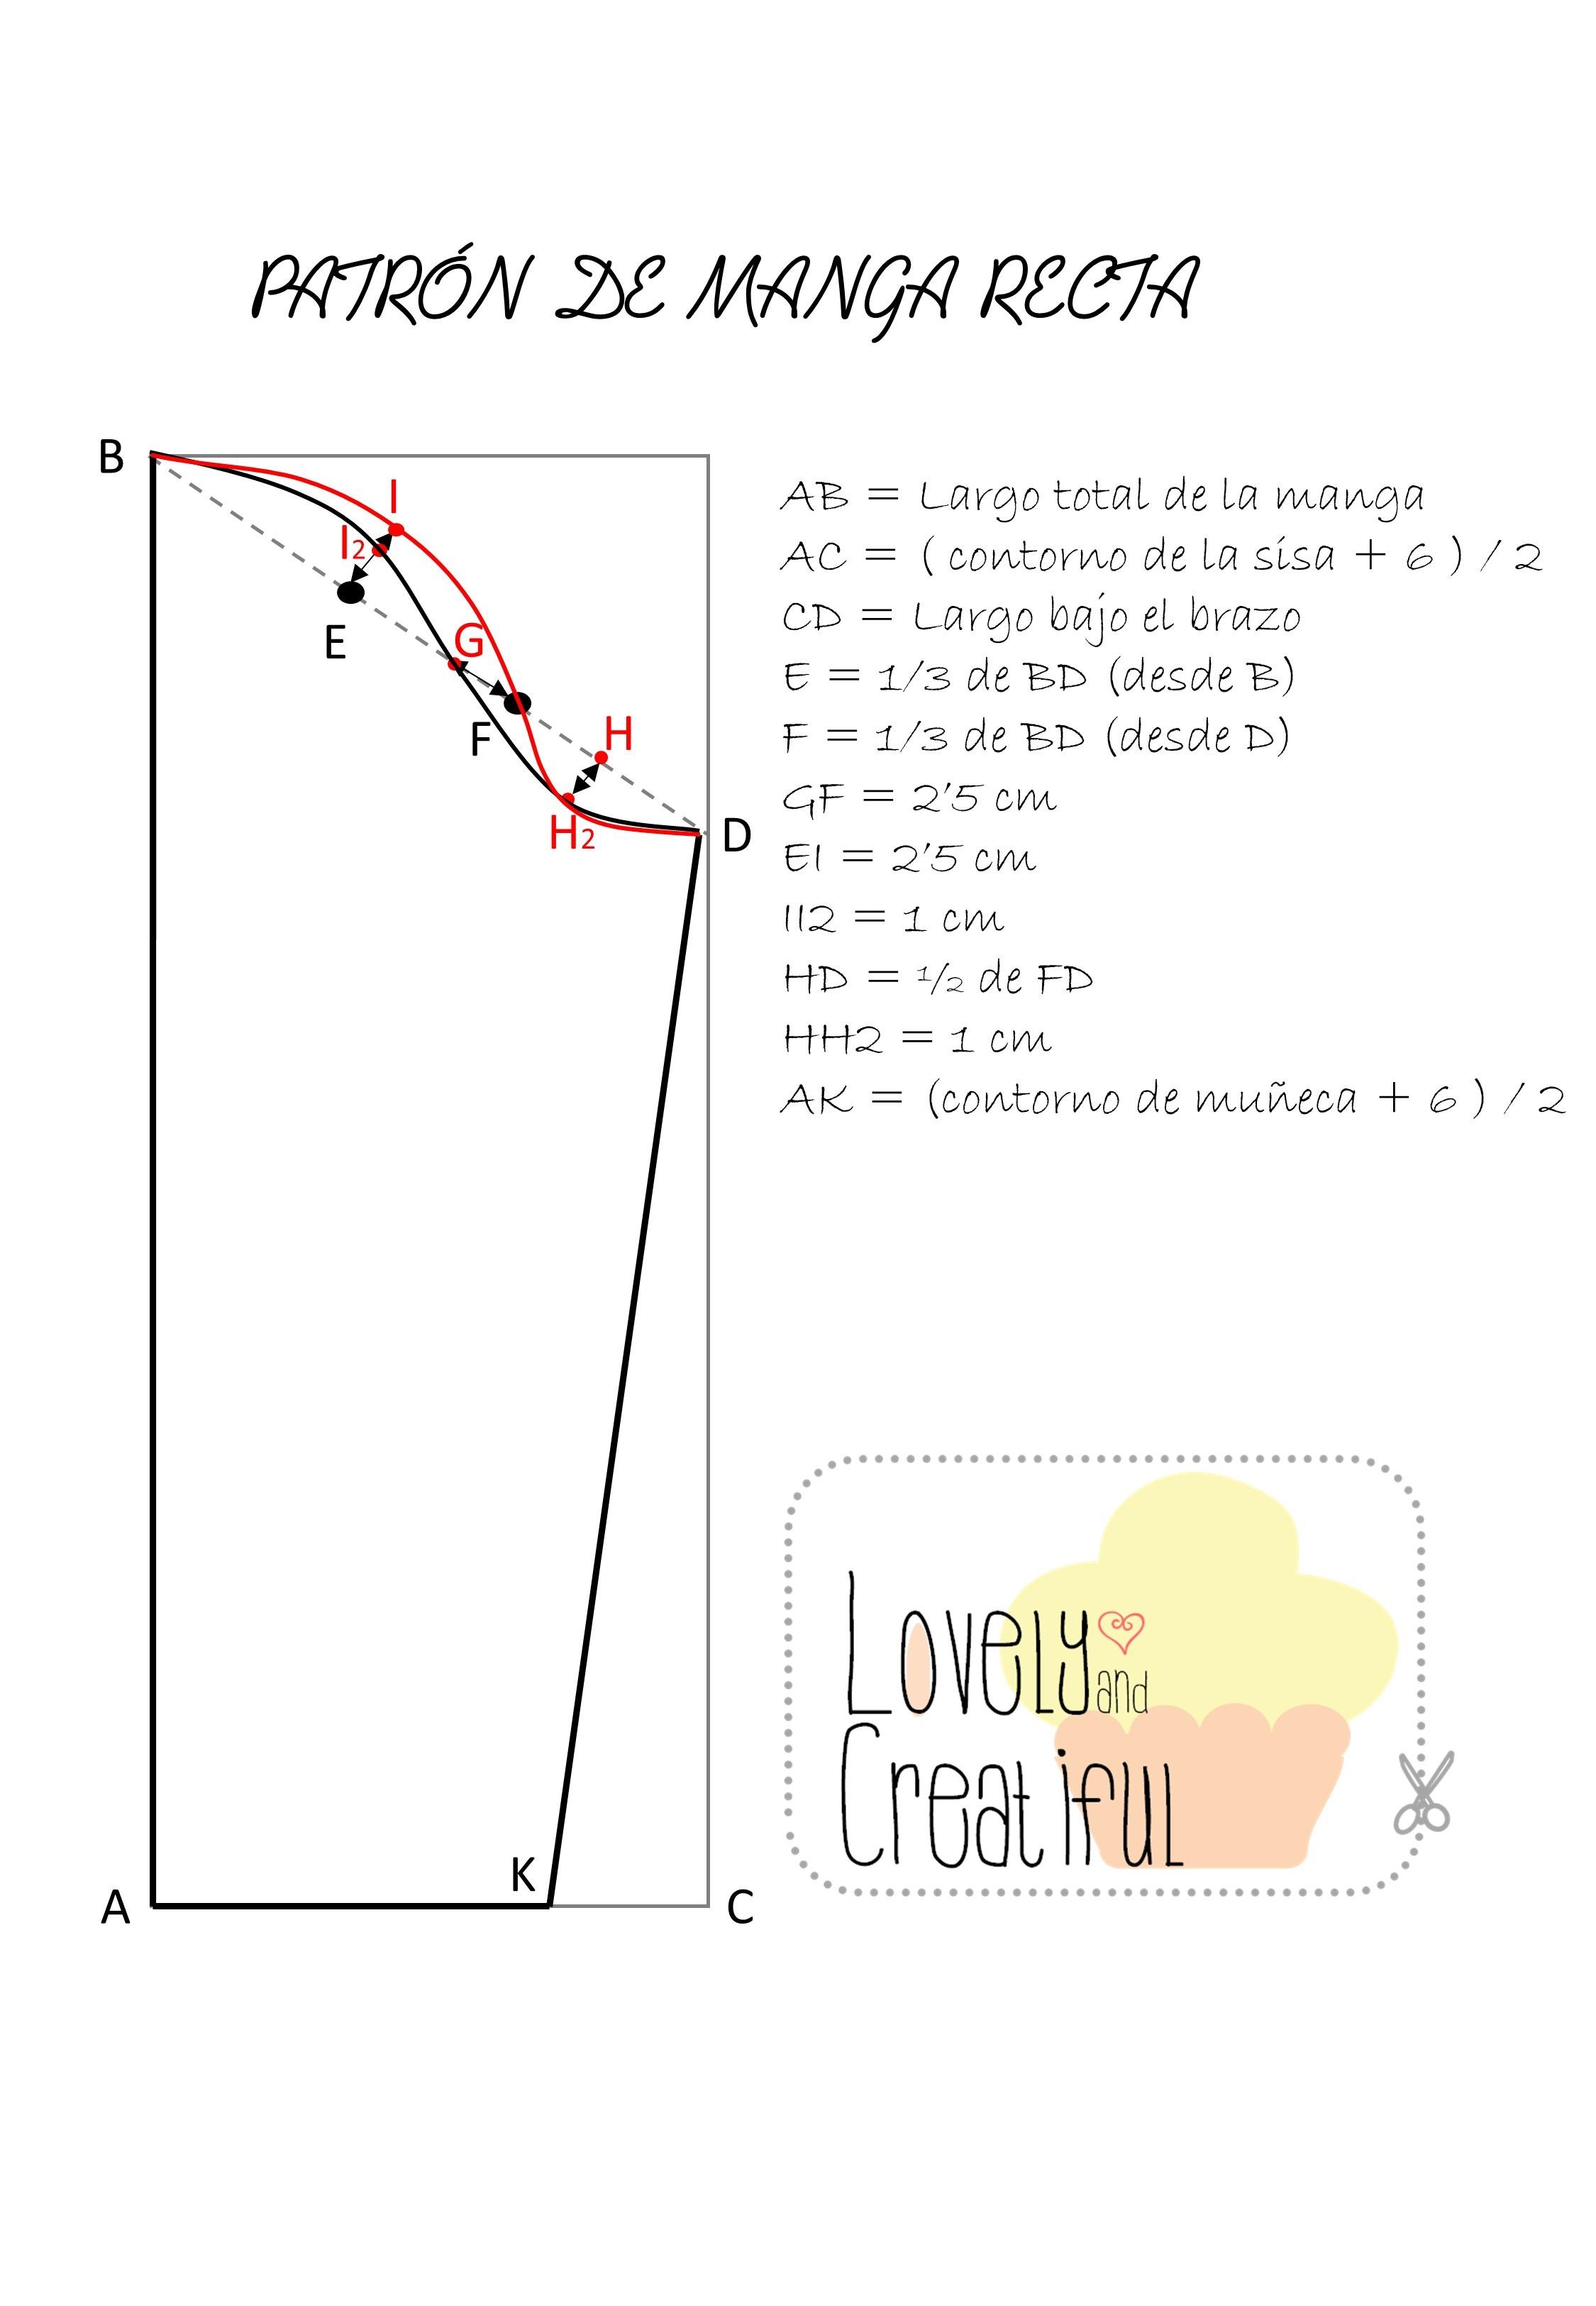 Curso gratis de corte y confección: patrón de manga recta | Lovely ...